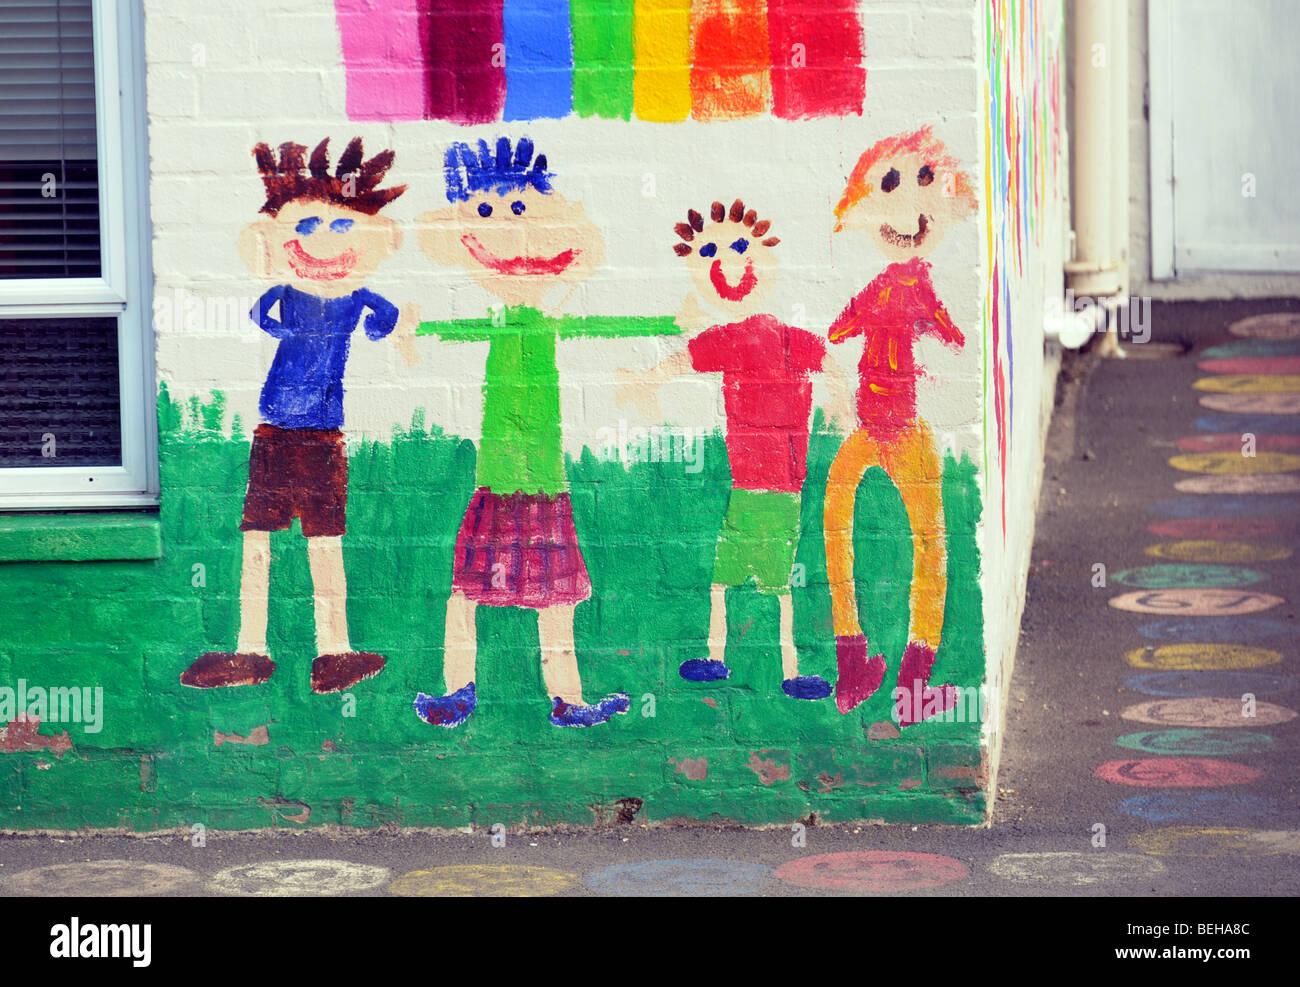 Les dessins des enfants sur le mur extérieur de l'école maternelle. Banque D'Images